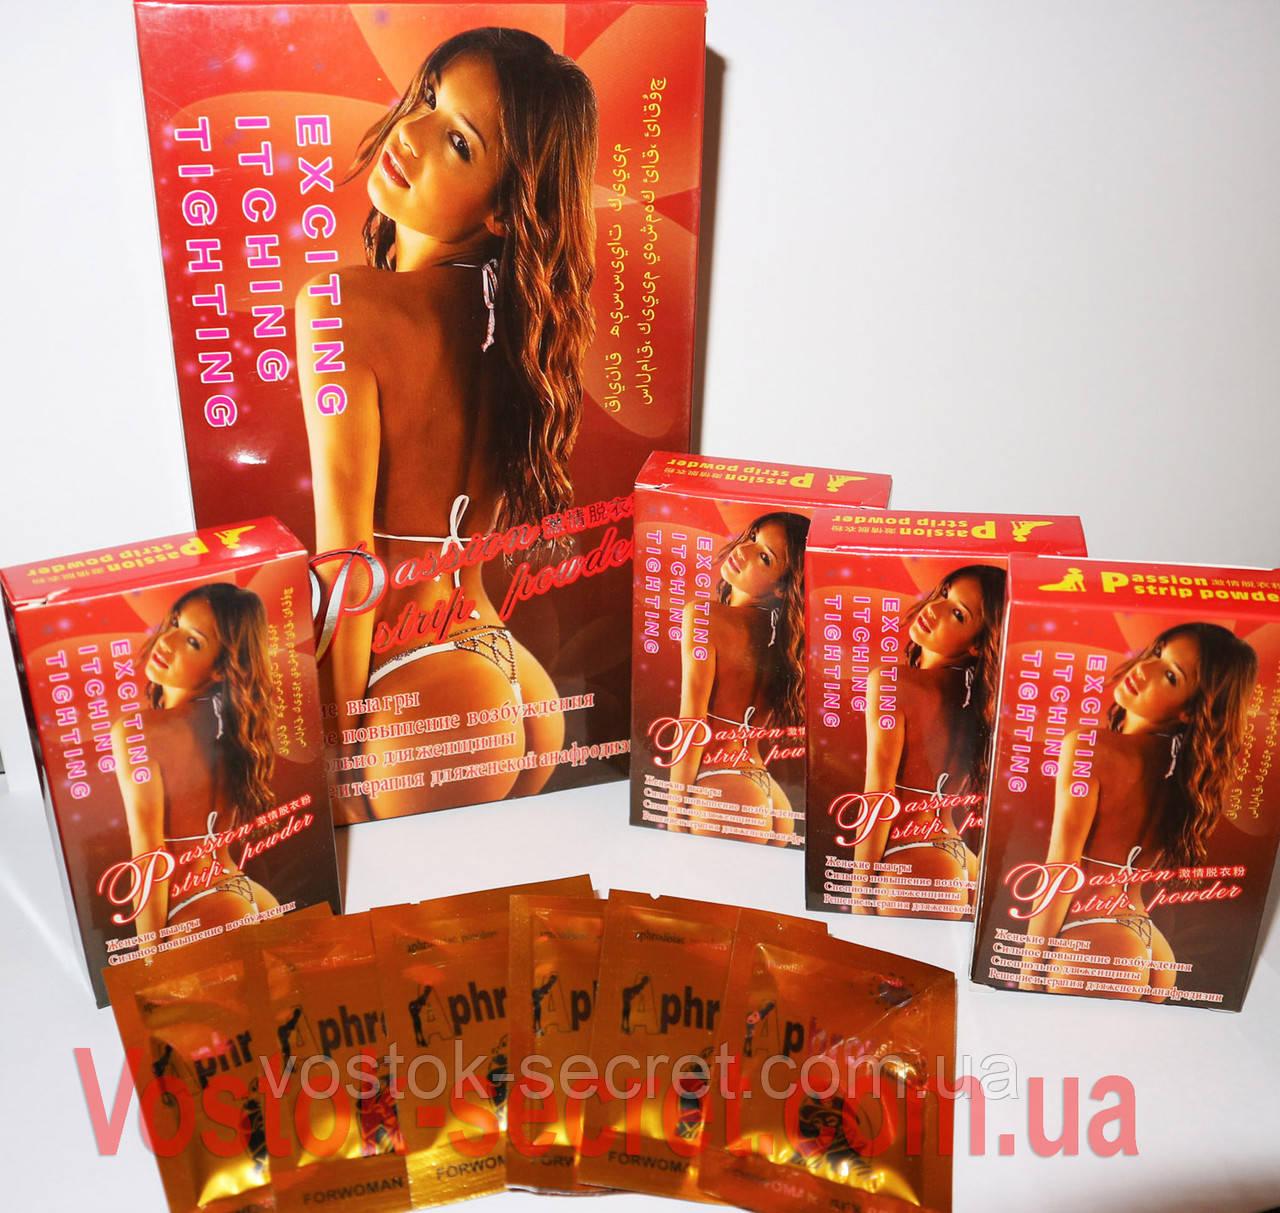 Страстное обнажение Passion Strip Powder женский возбудитель, 24 шт.